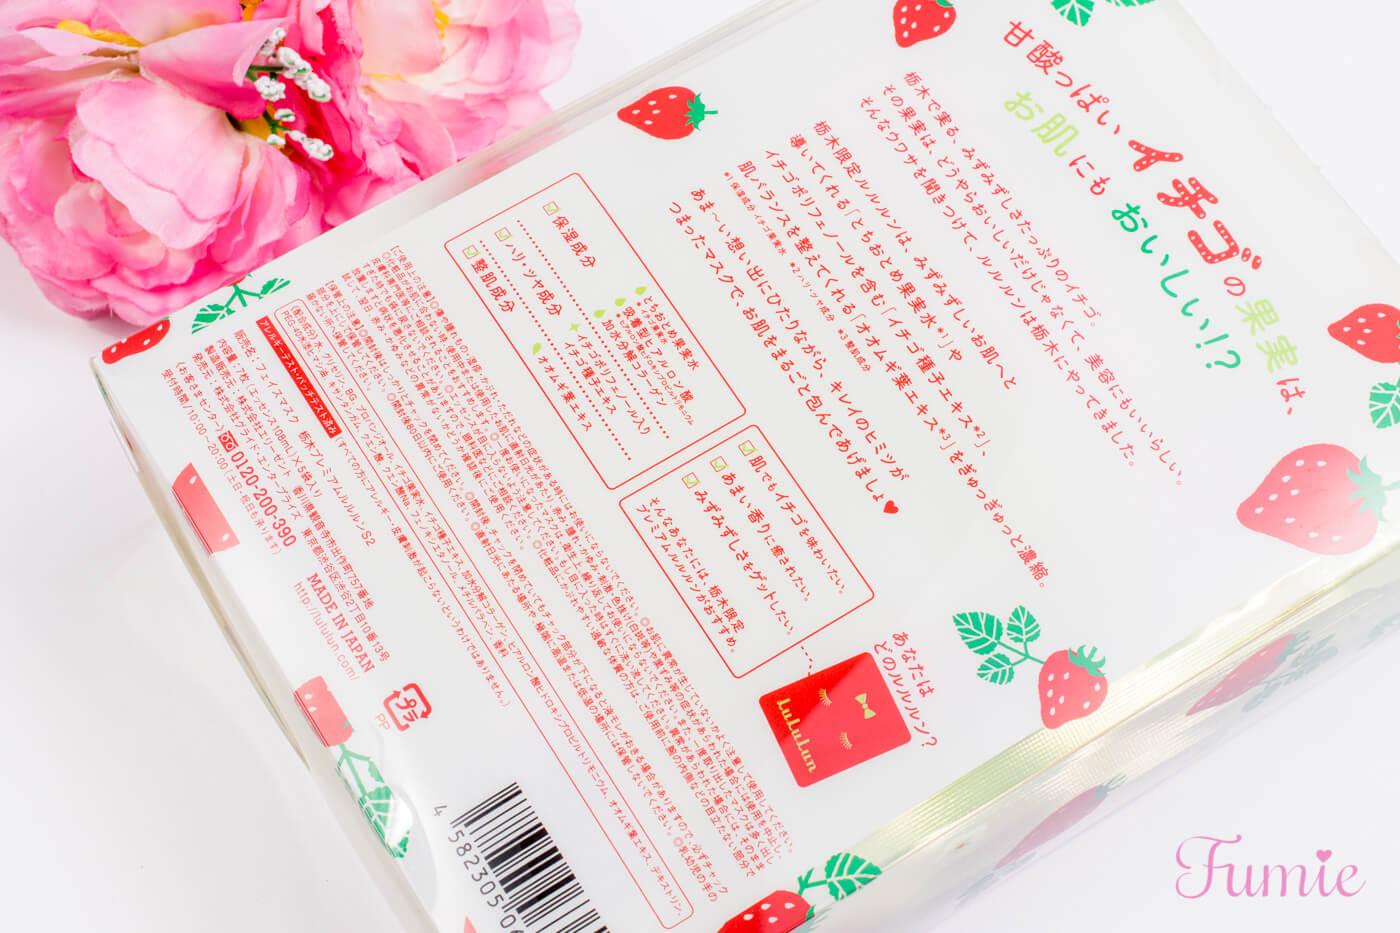 栃木のプレミアムルルルン(とちおとめの香り) 7枚入り×5袋パッケージ裏面